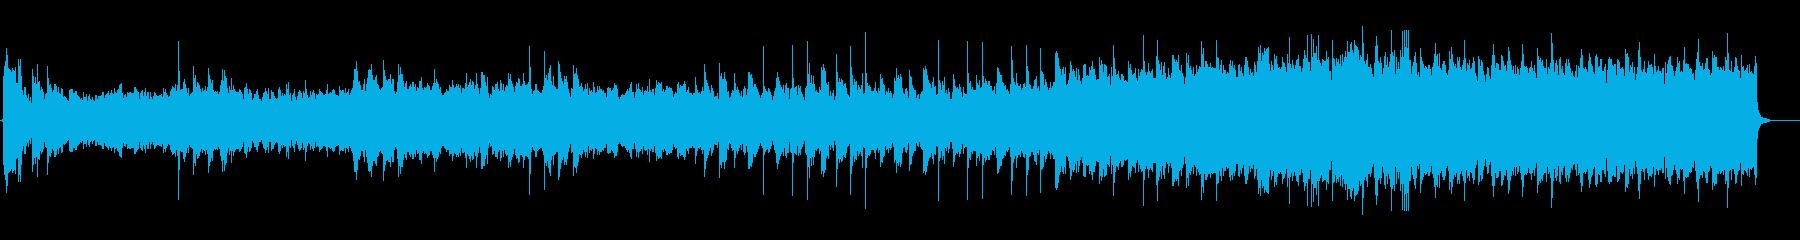 レコードのようなサウンドのホラー曲の再生済みの波形